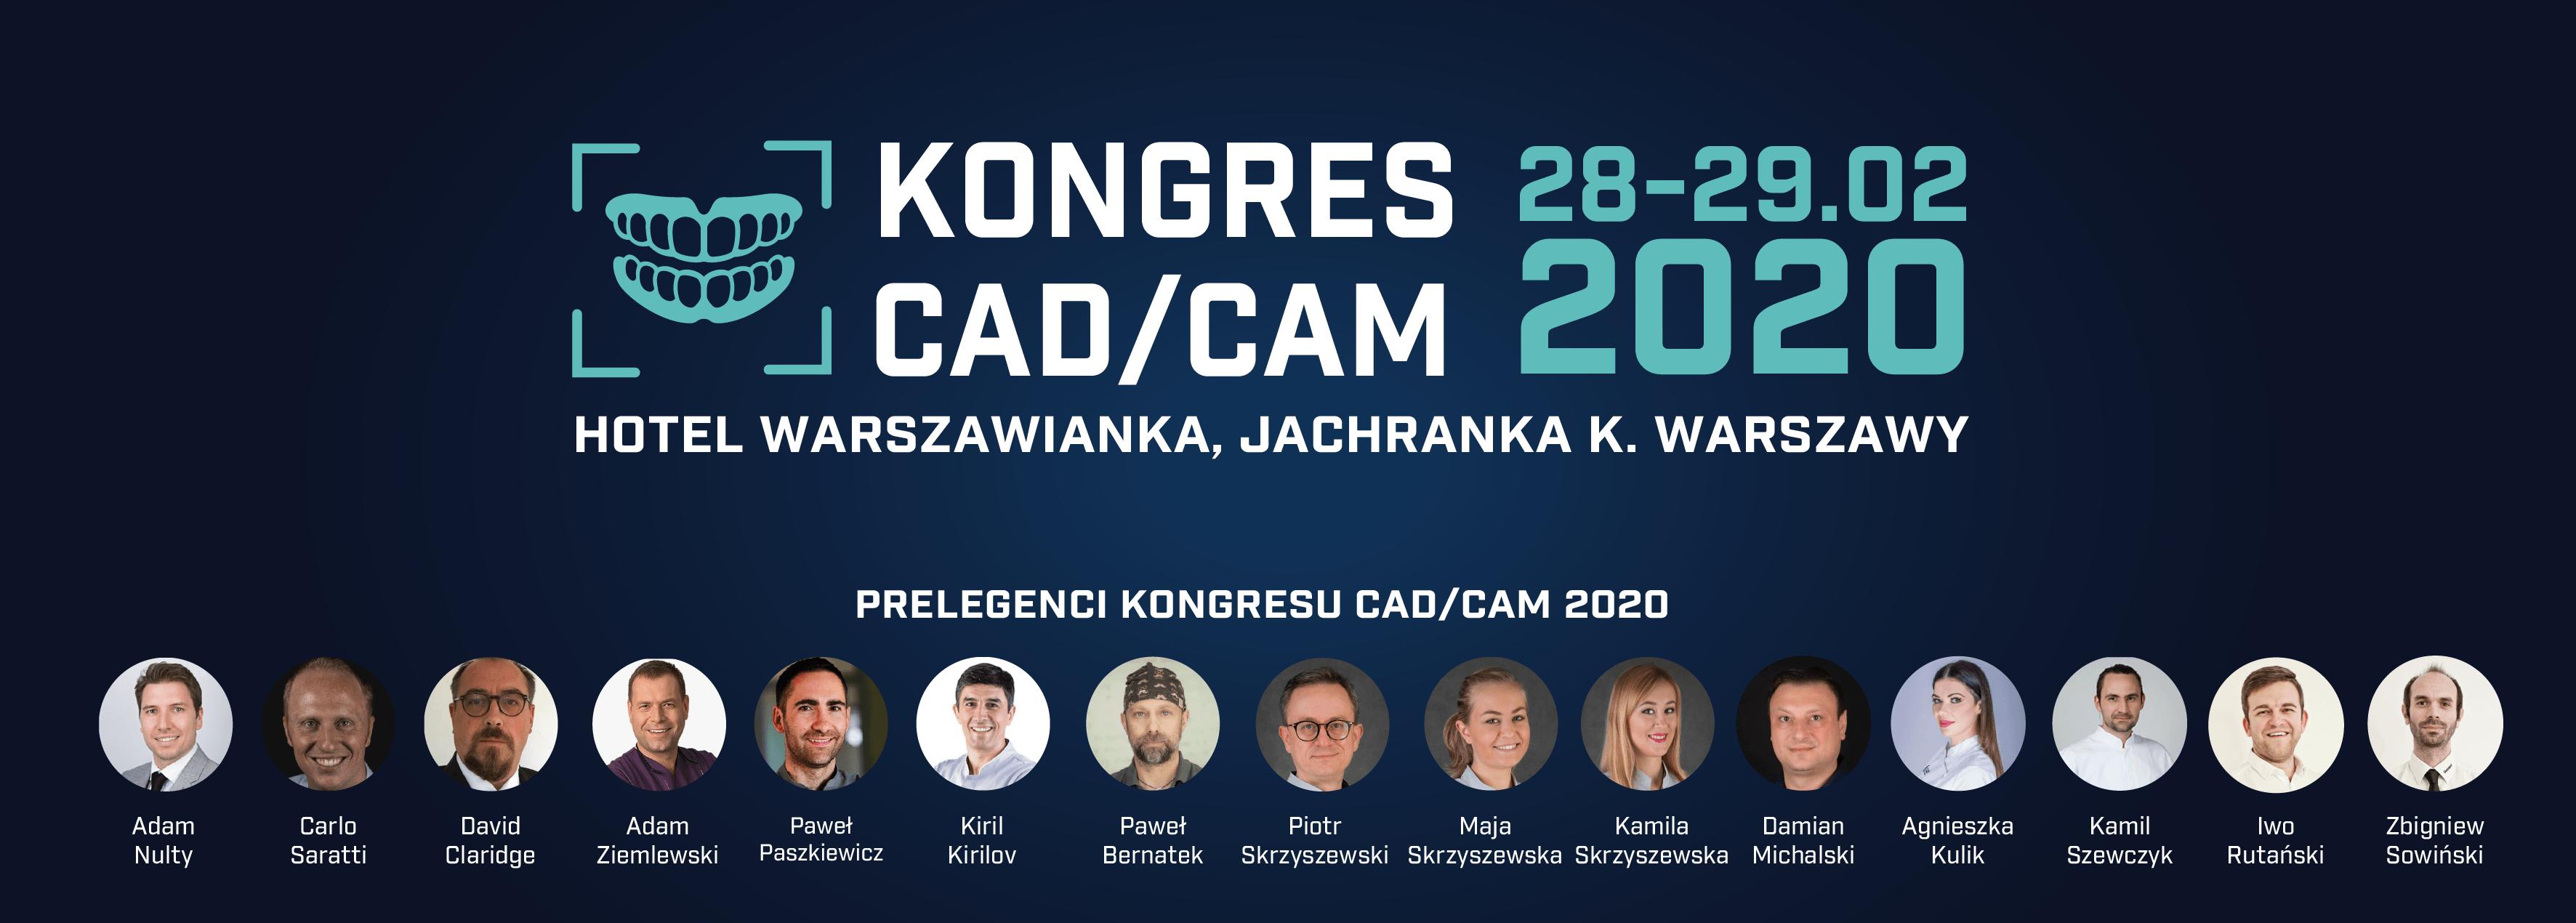 Kongres CAD/CAM 2020